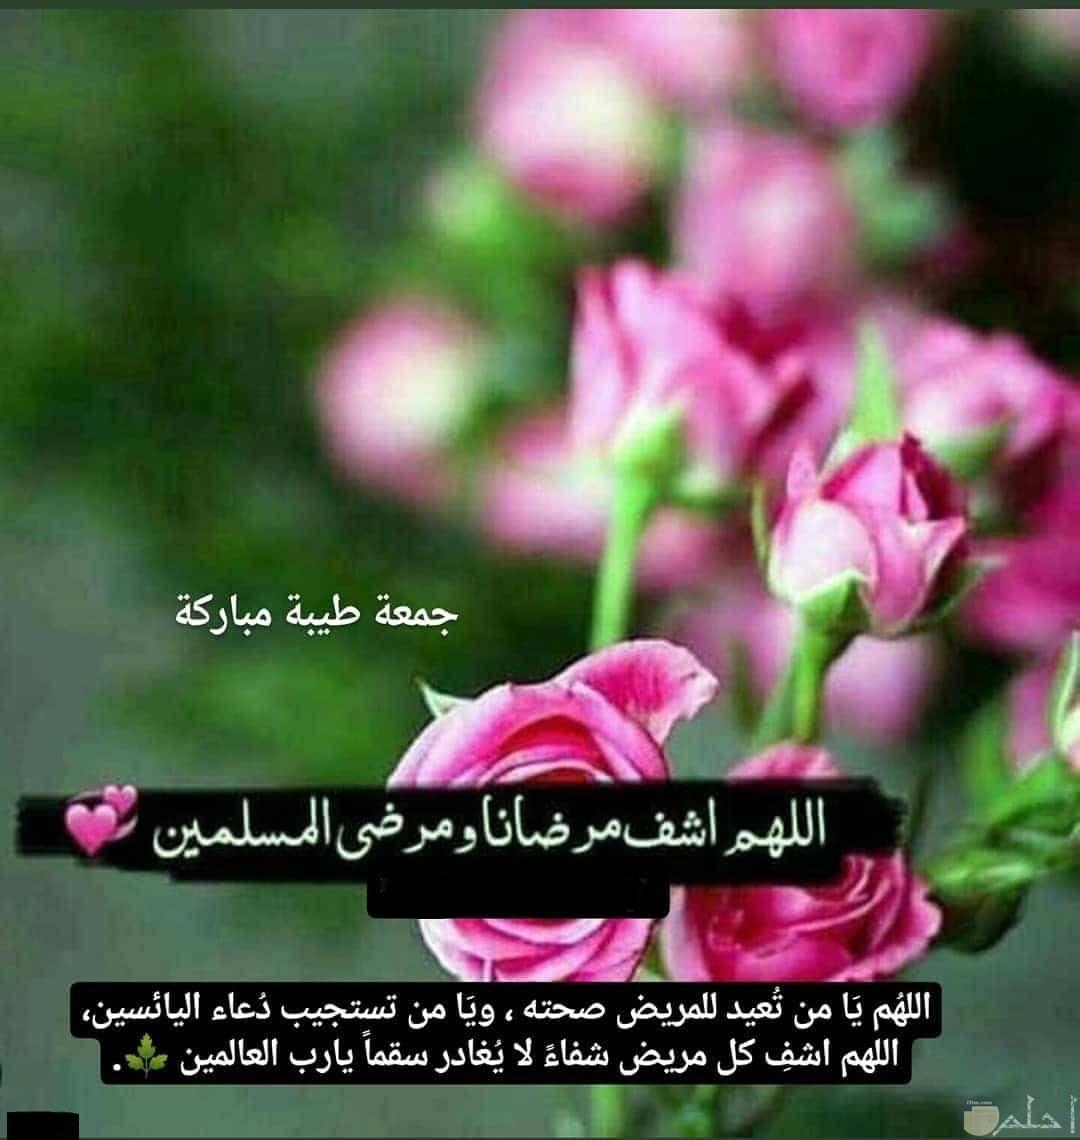 جمعة طيبة مباركة _ دعاء لشفاء المرضى و المسلمين.